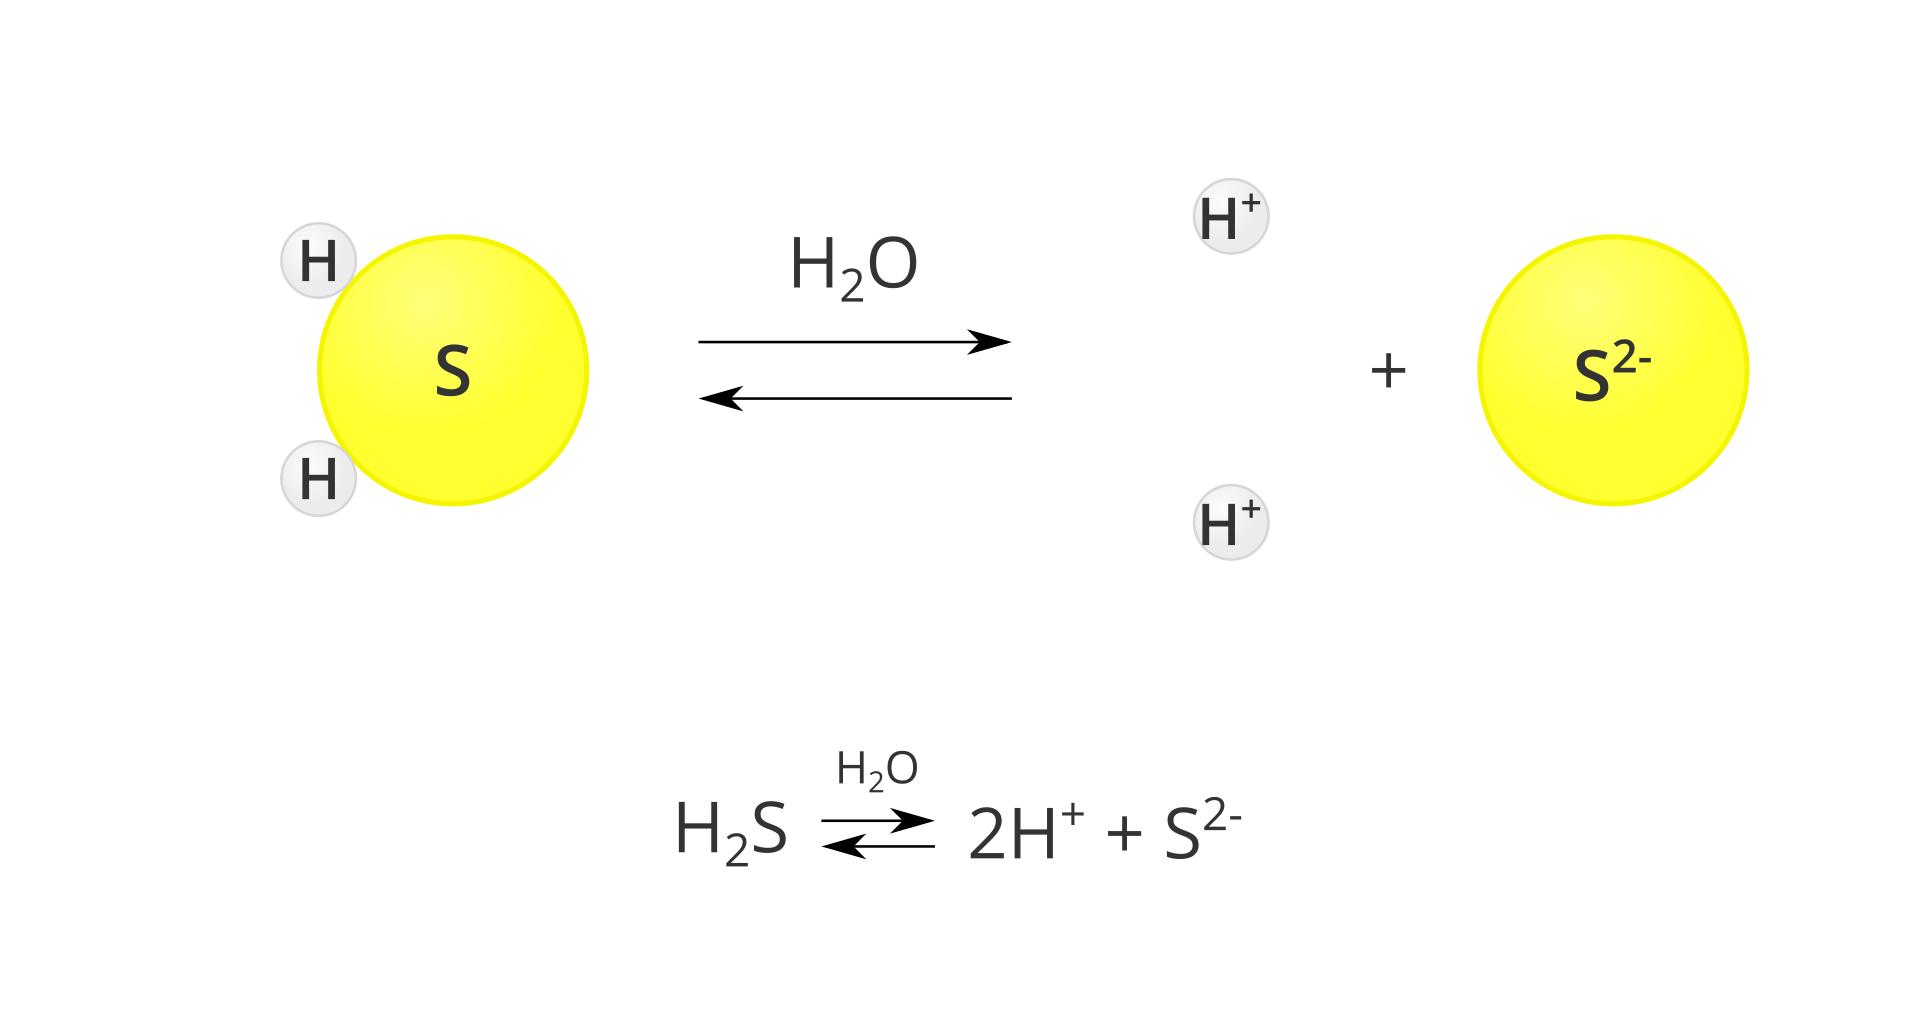 Modelowy schemat dysocjacji kwasu siarkowodorowego. Po lewej stronie planszy znajduje się model cząsteczki siarkowodoru, zbudowany zdużego żółtego koła oznaczonego listerą Siprzylegających do niego dwóch małych szarych kół oznaczonych literą H. Pośrodku planszy znajduje się znak reakcji przebiegającej wobie strony, mający postać dwóch równolegle ułożonych strzałek, zktórych górna skierowana jest wprawo, adolna wlewo. Nad strzałkami znajduje się wzór H2O. Po prawej stronie znajduje się zapis rozpadu na jony: dwie szare kulki oznaczone jako Hplus, znak dodawania oraz jedna duża żółta kula oznaczona jako S2 minus. Pod schematem zapis tej samej reakcji wpostaci sumarycznej: cząsteczka H2S wobecności wody przechodzi wdwa jony Hplus oraz jon S2 minus.